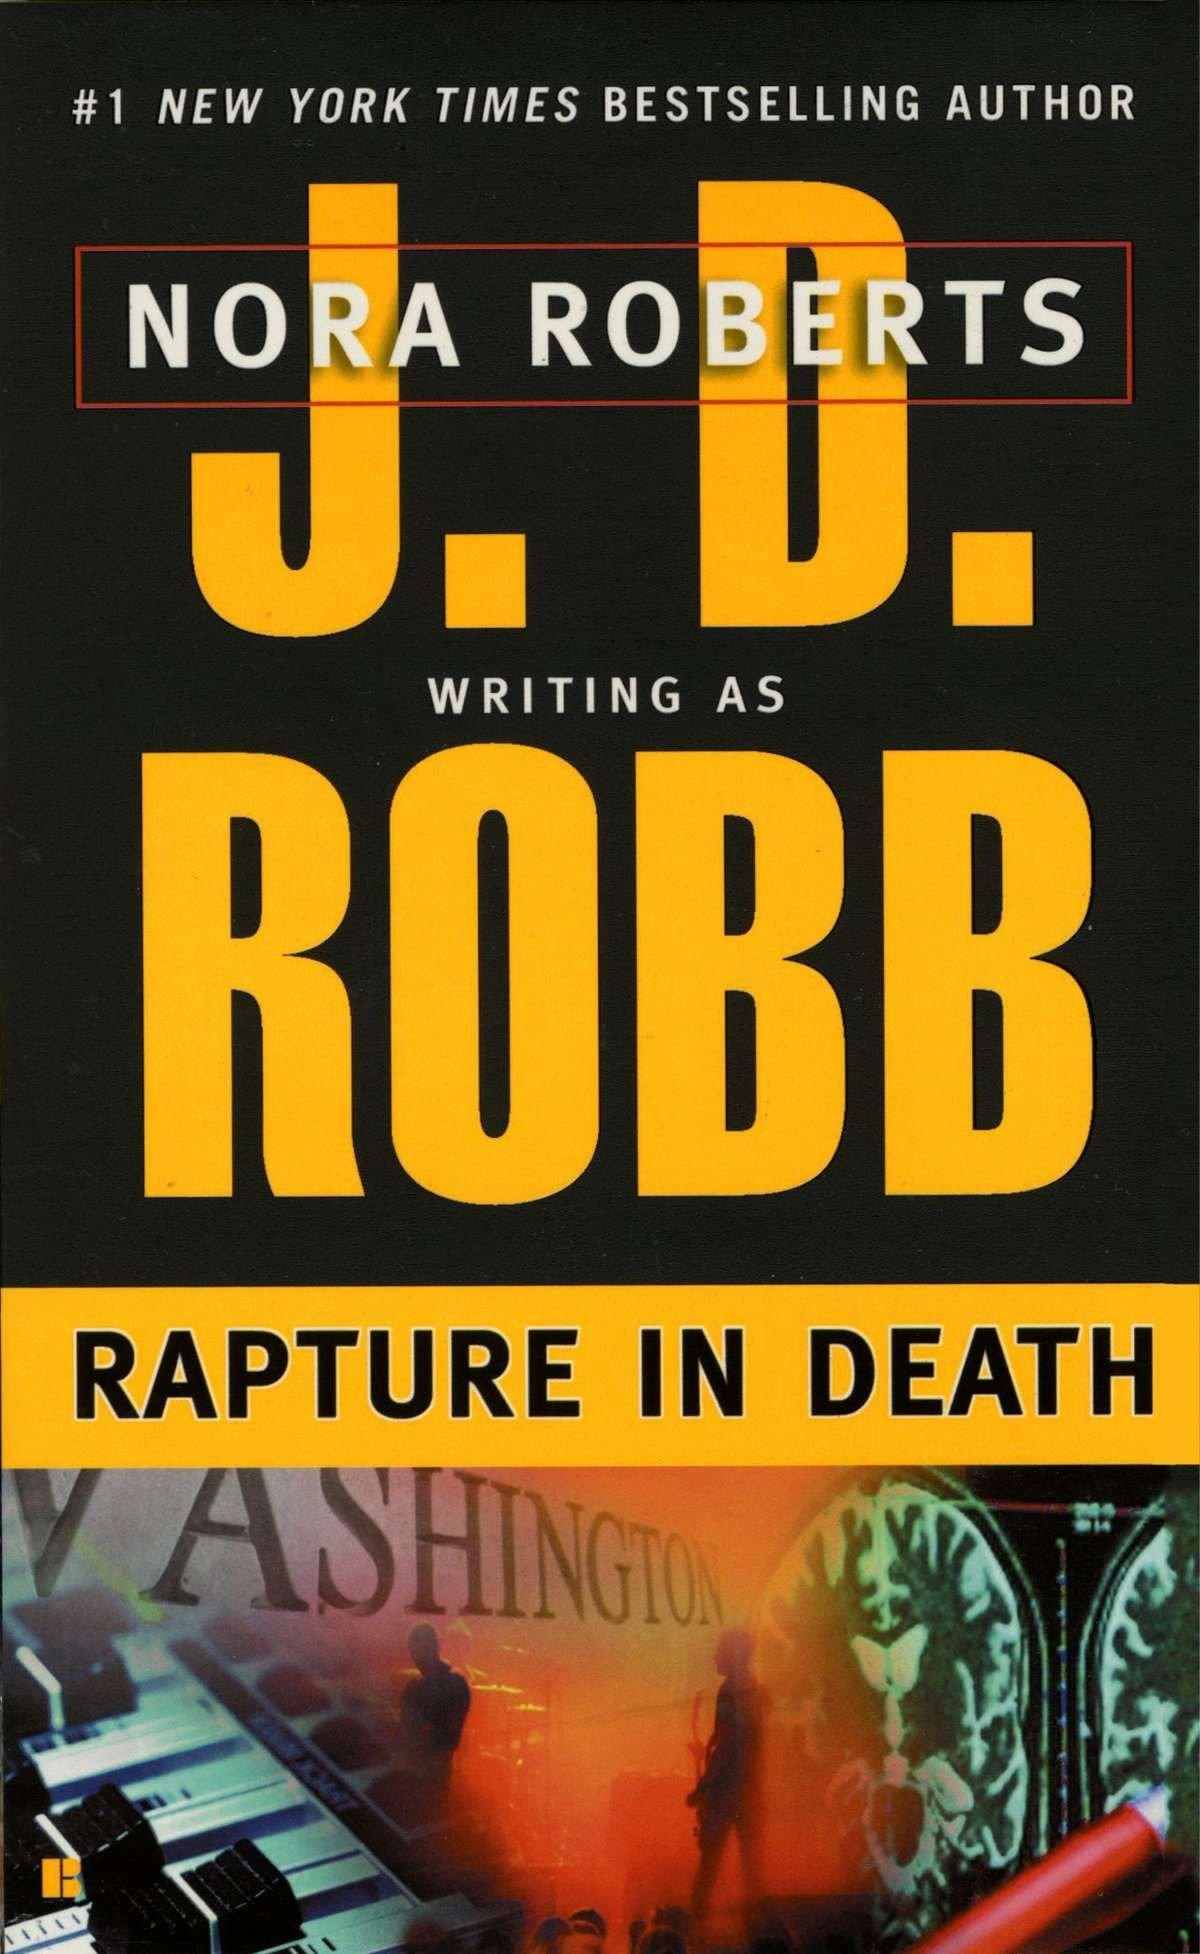 Nora Roberts books 49